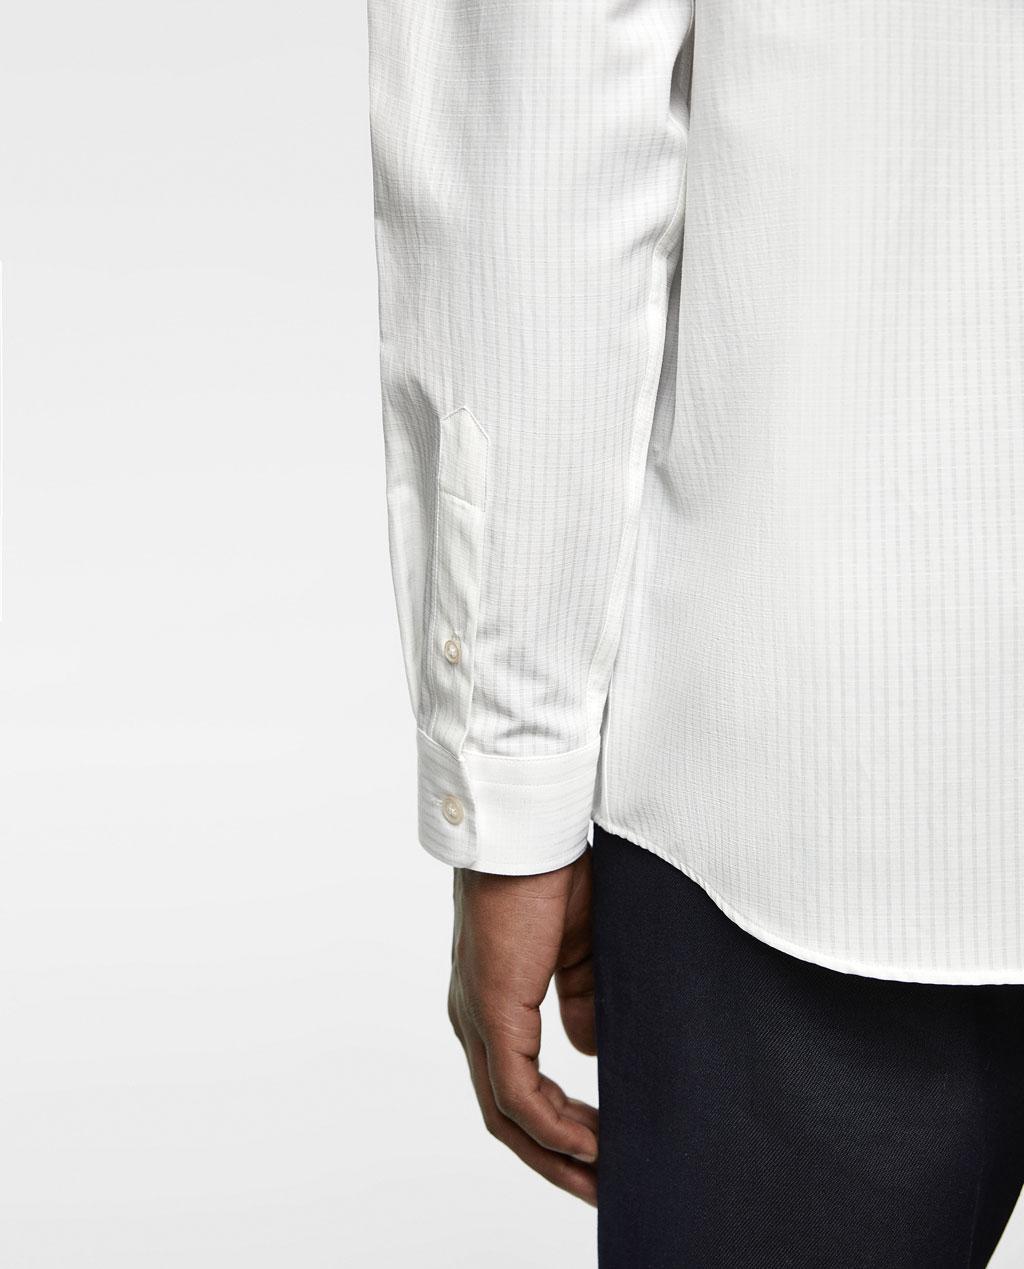 Thời trang nam Zara  23922 - ảnh 7